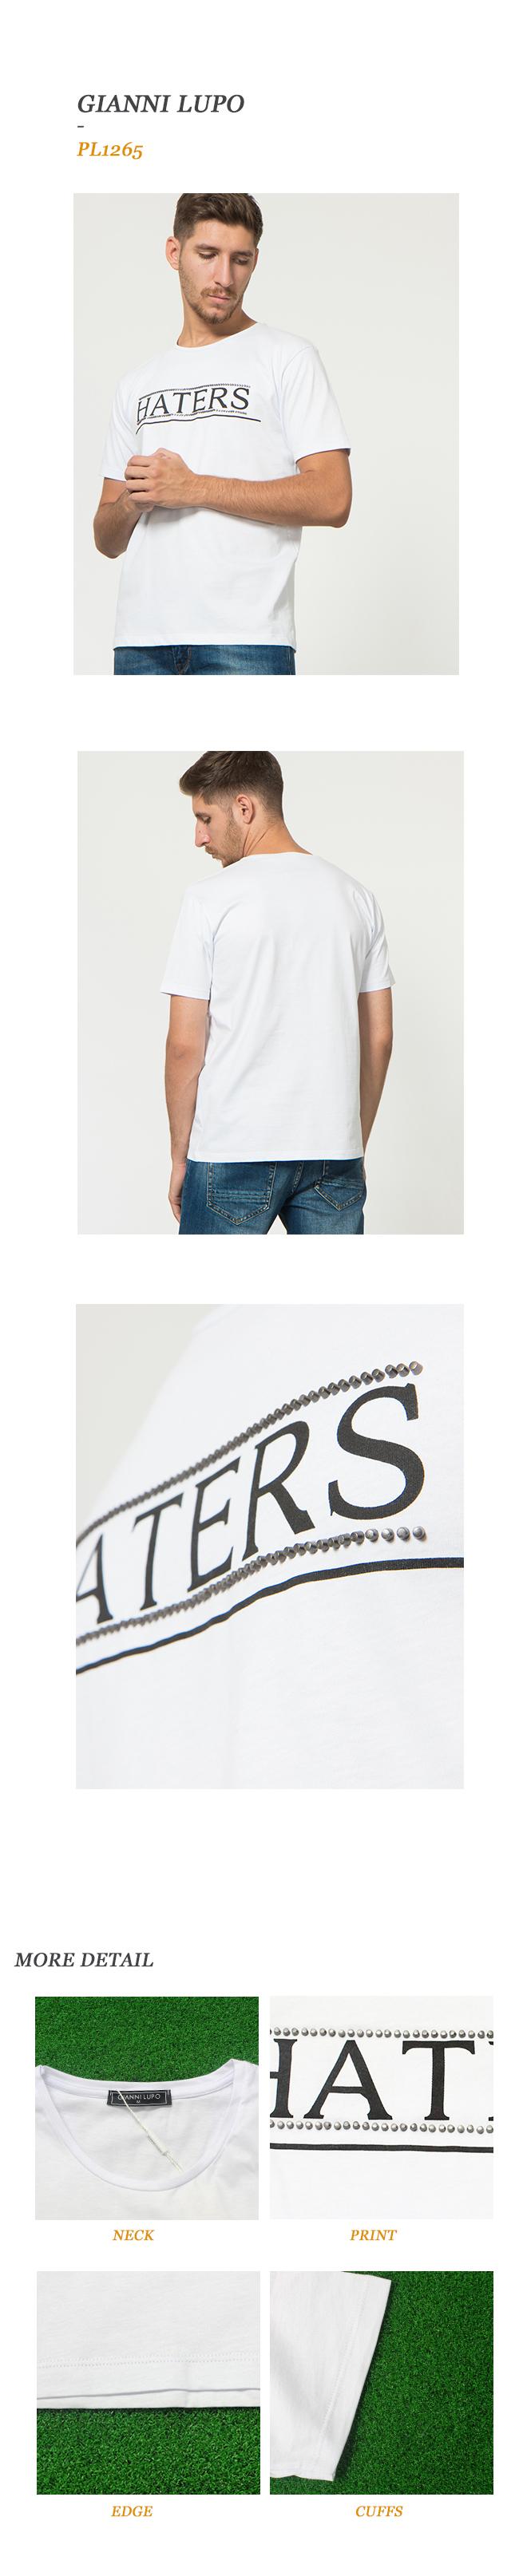 지아니루포(GIANNI LUPO) Pl1265 Haters 스터드 티셔츠(Wh)